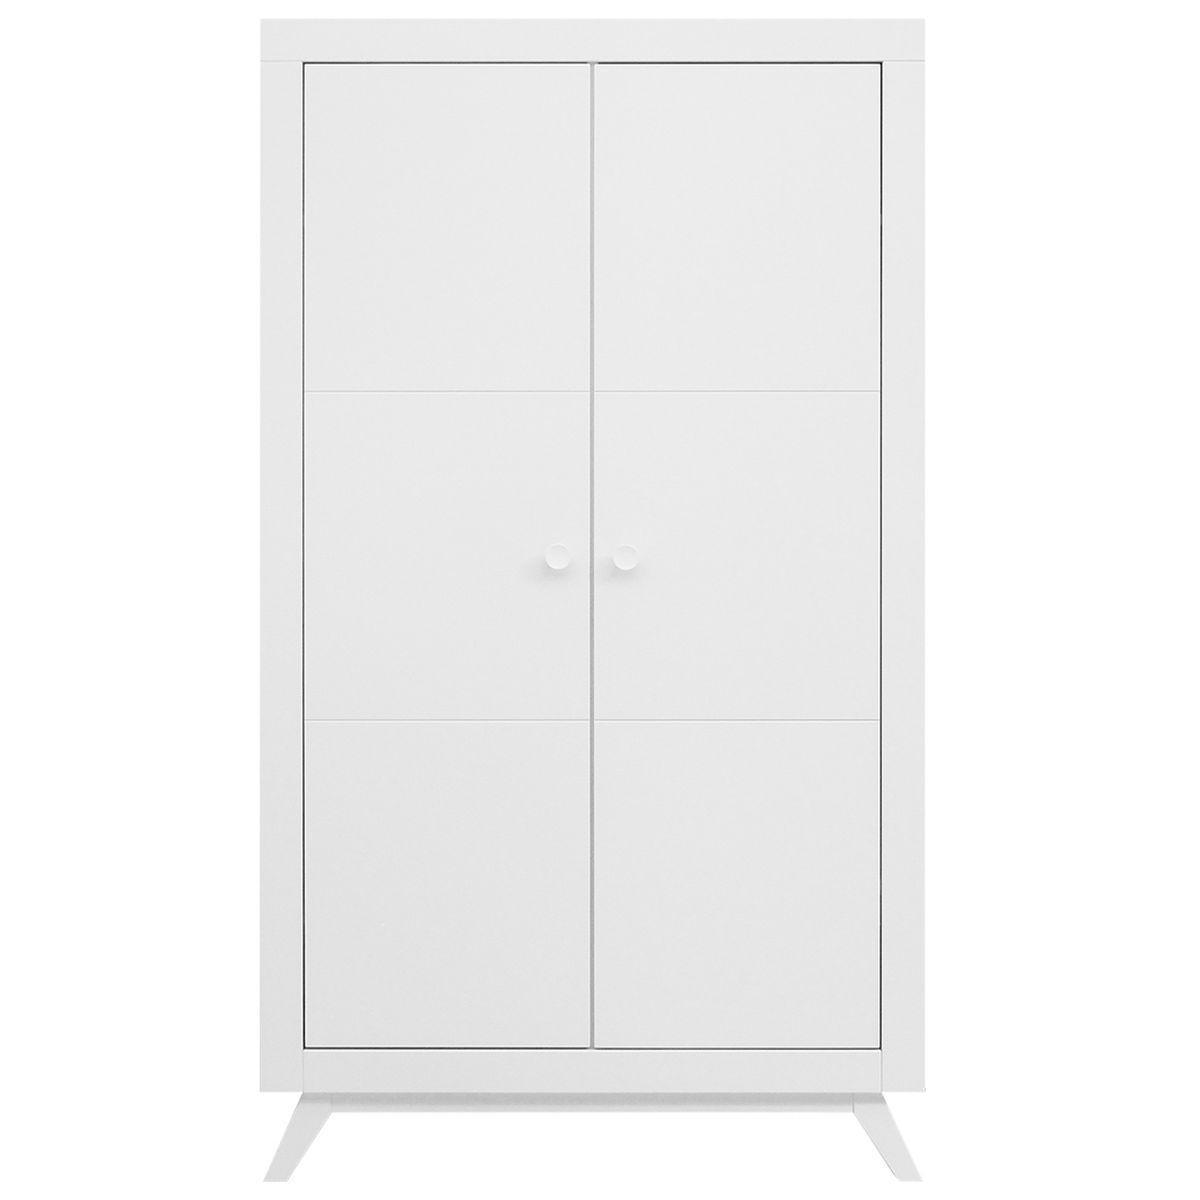 Armoire 2 portes FIORE Bopita blanc